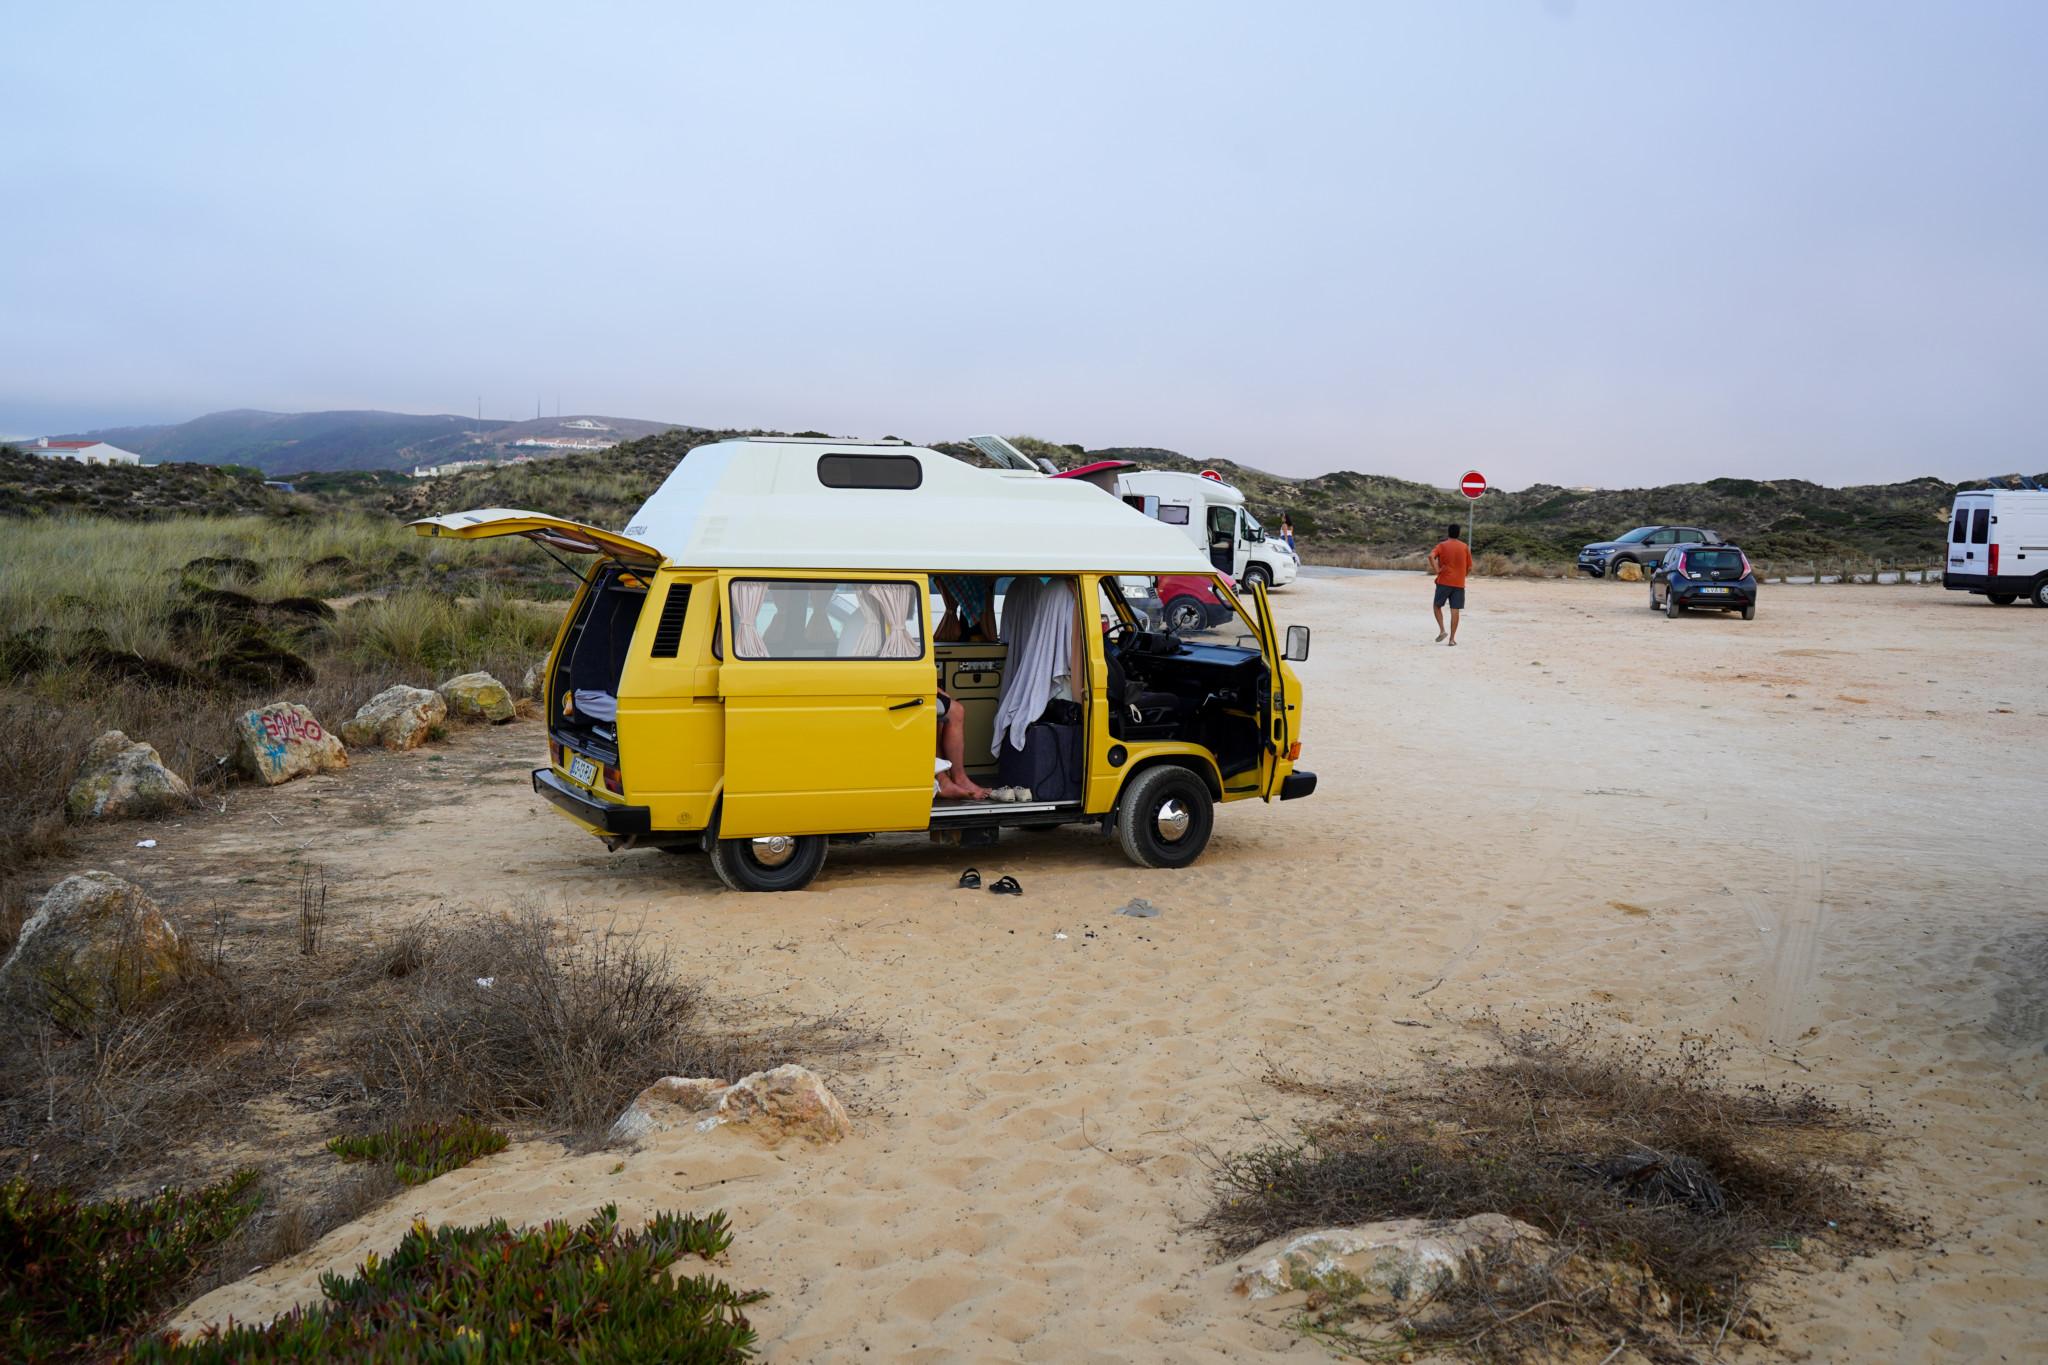 So sieht wildcampen in Portugal aus